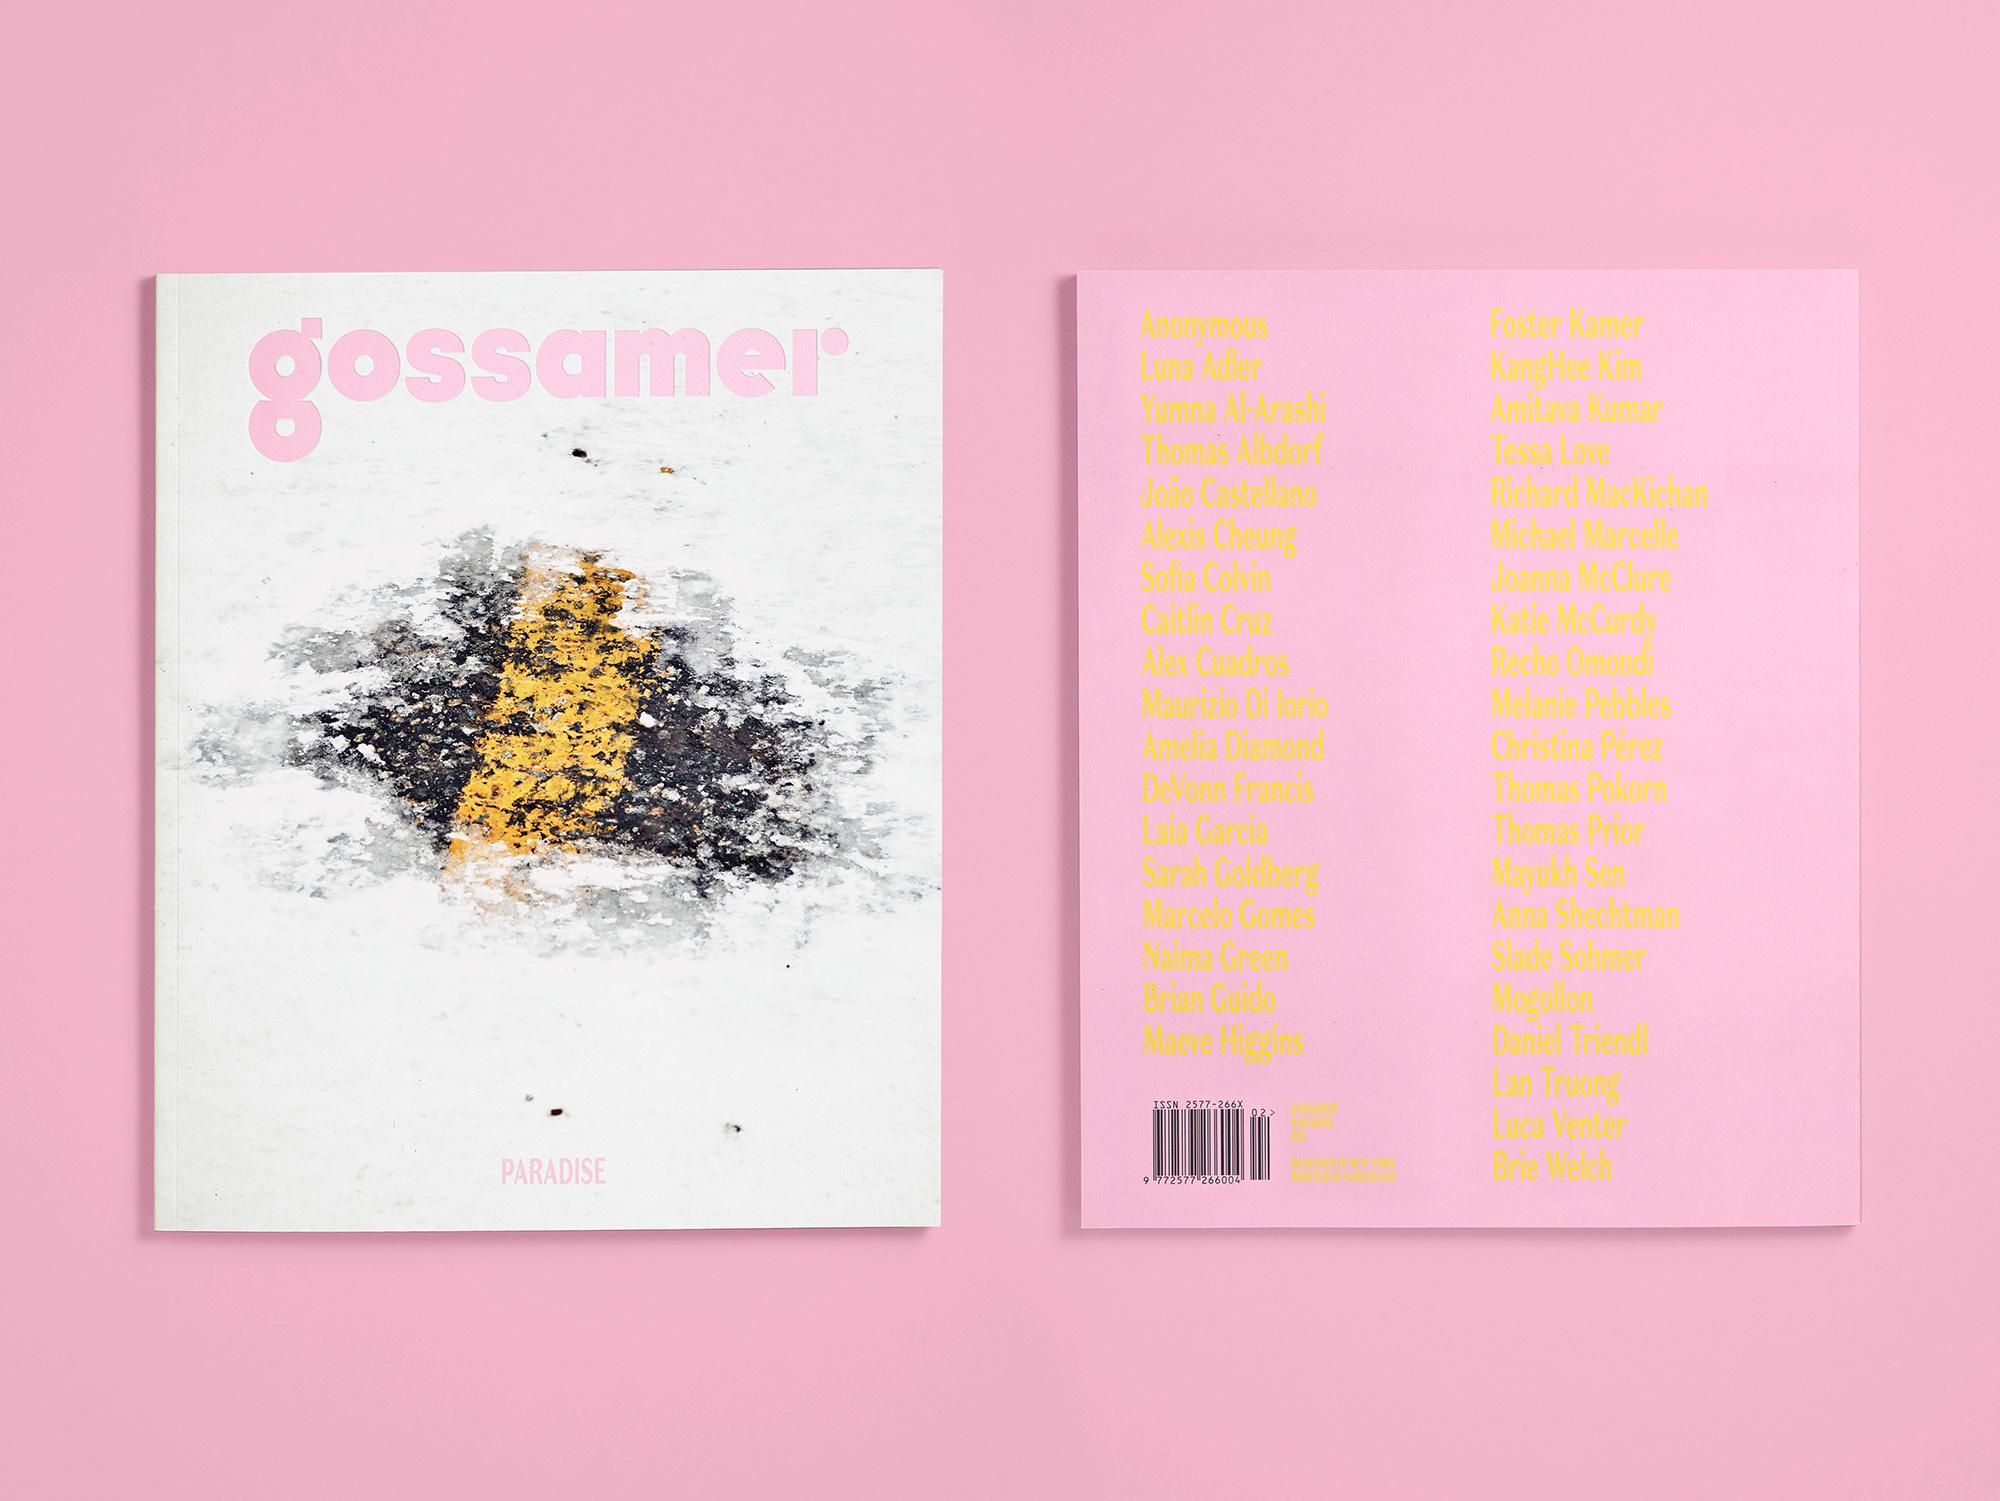 gossamer_paradise-1